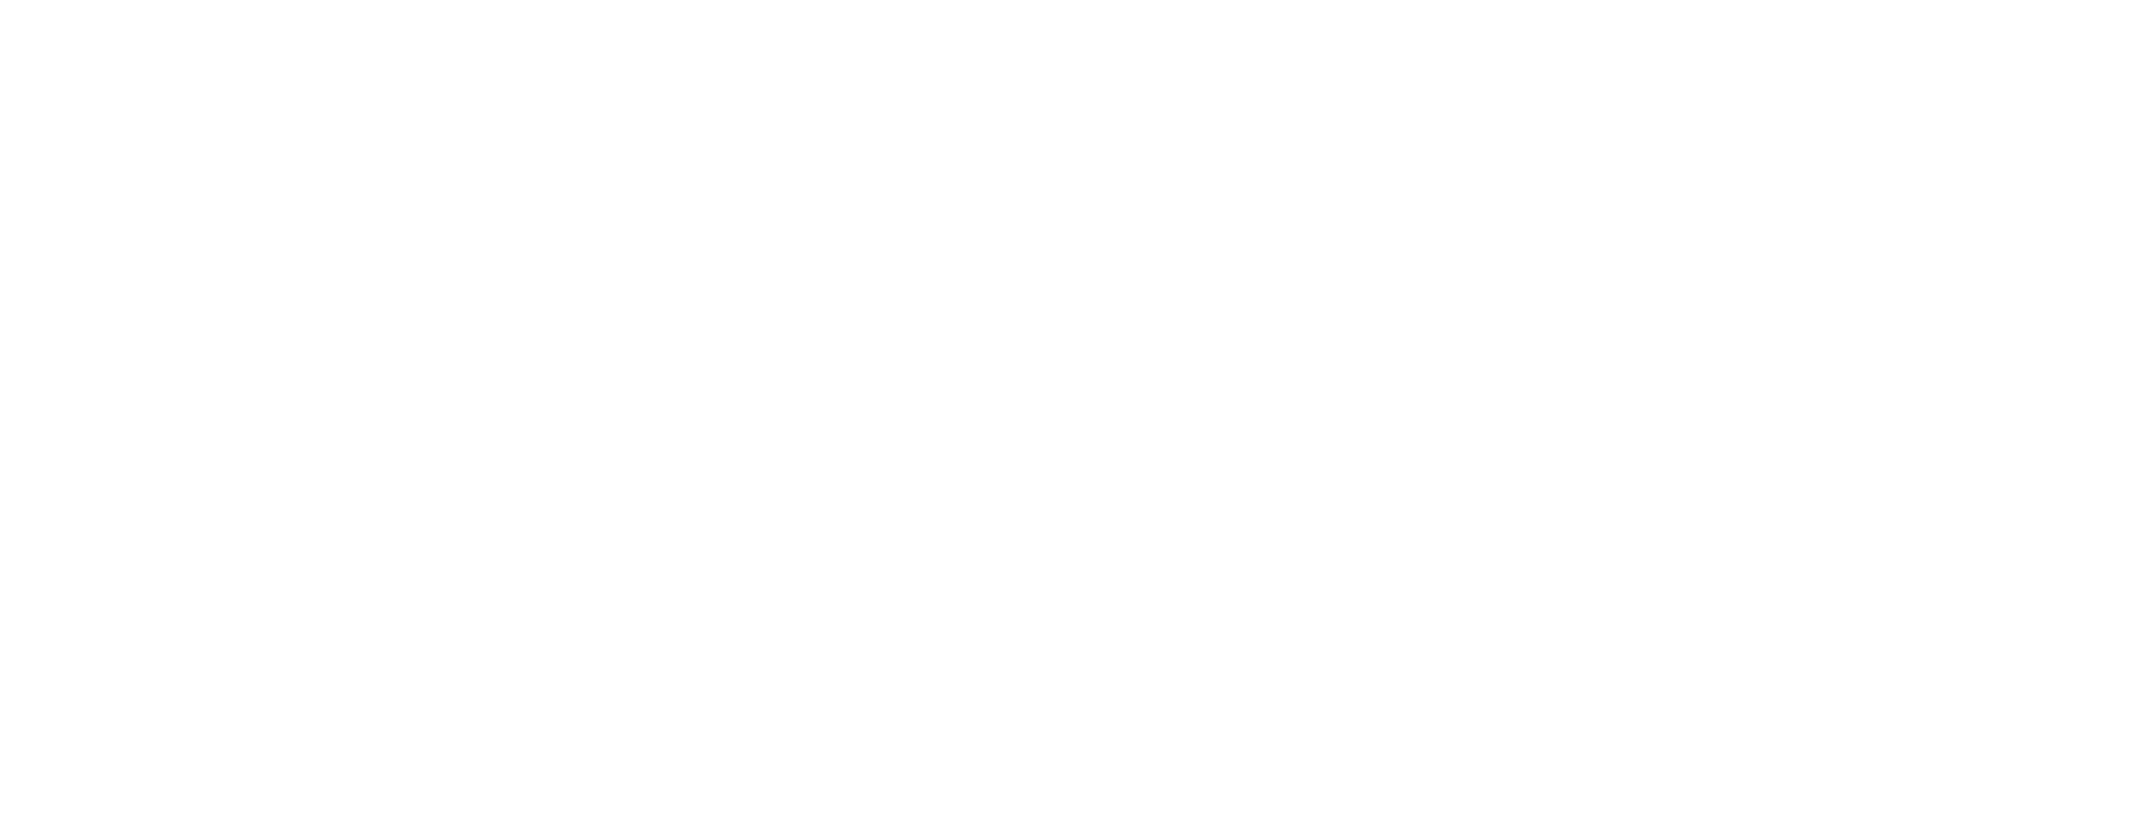 Edifier-Awards-2022-R